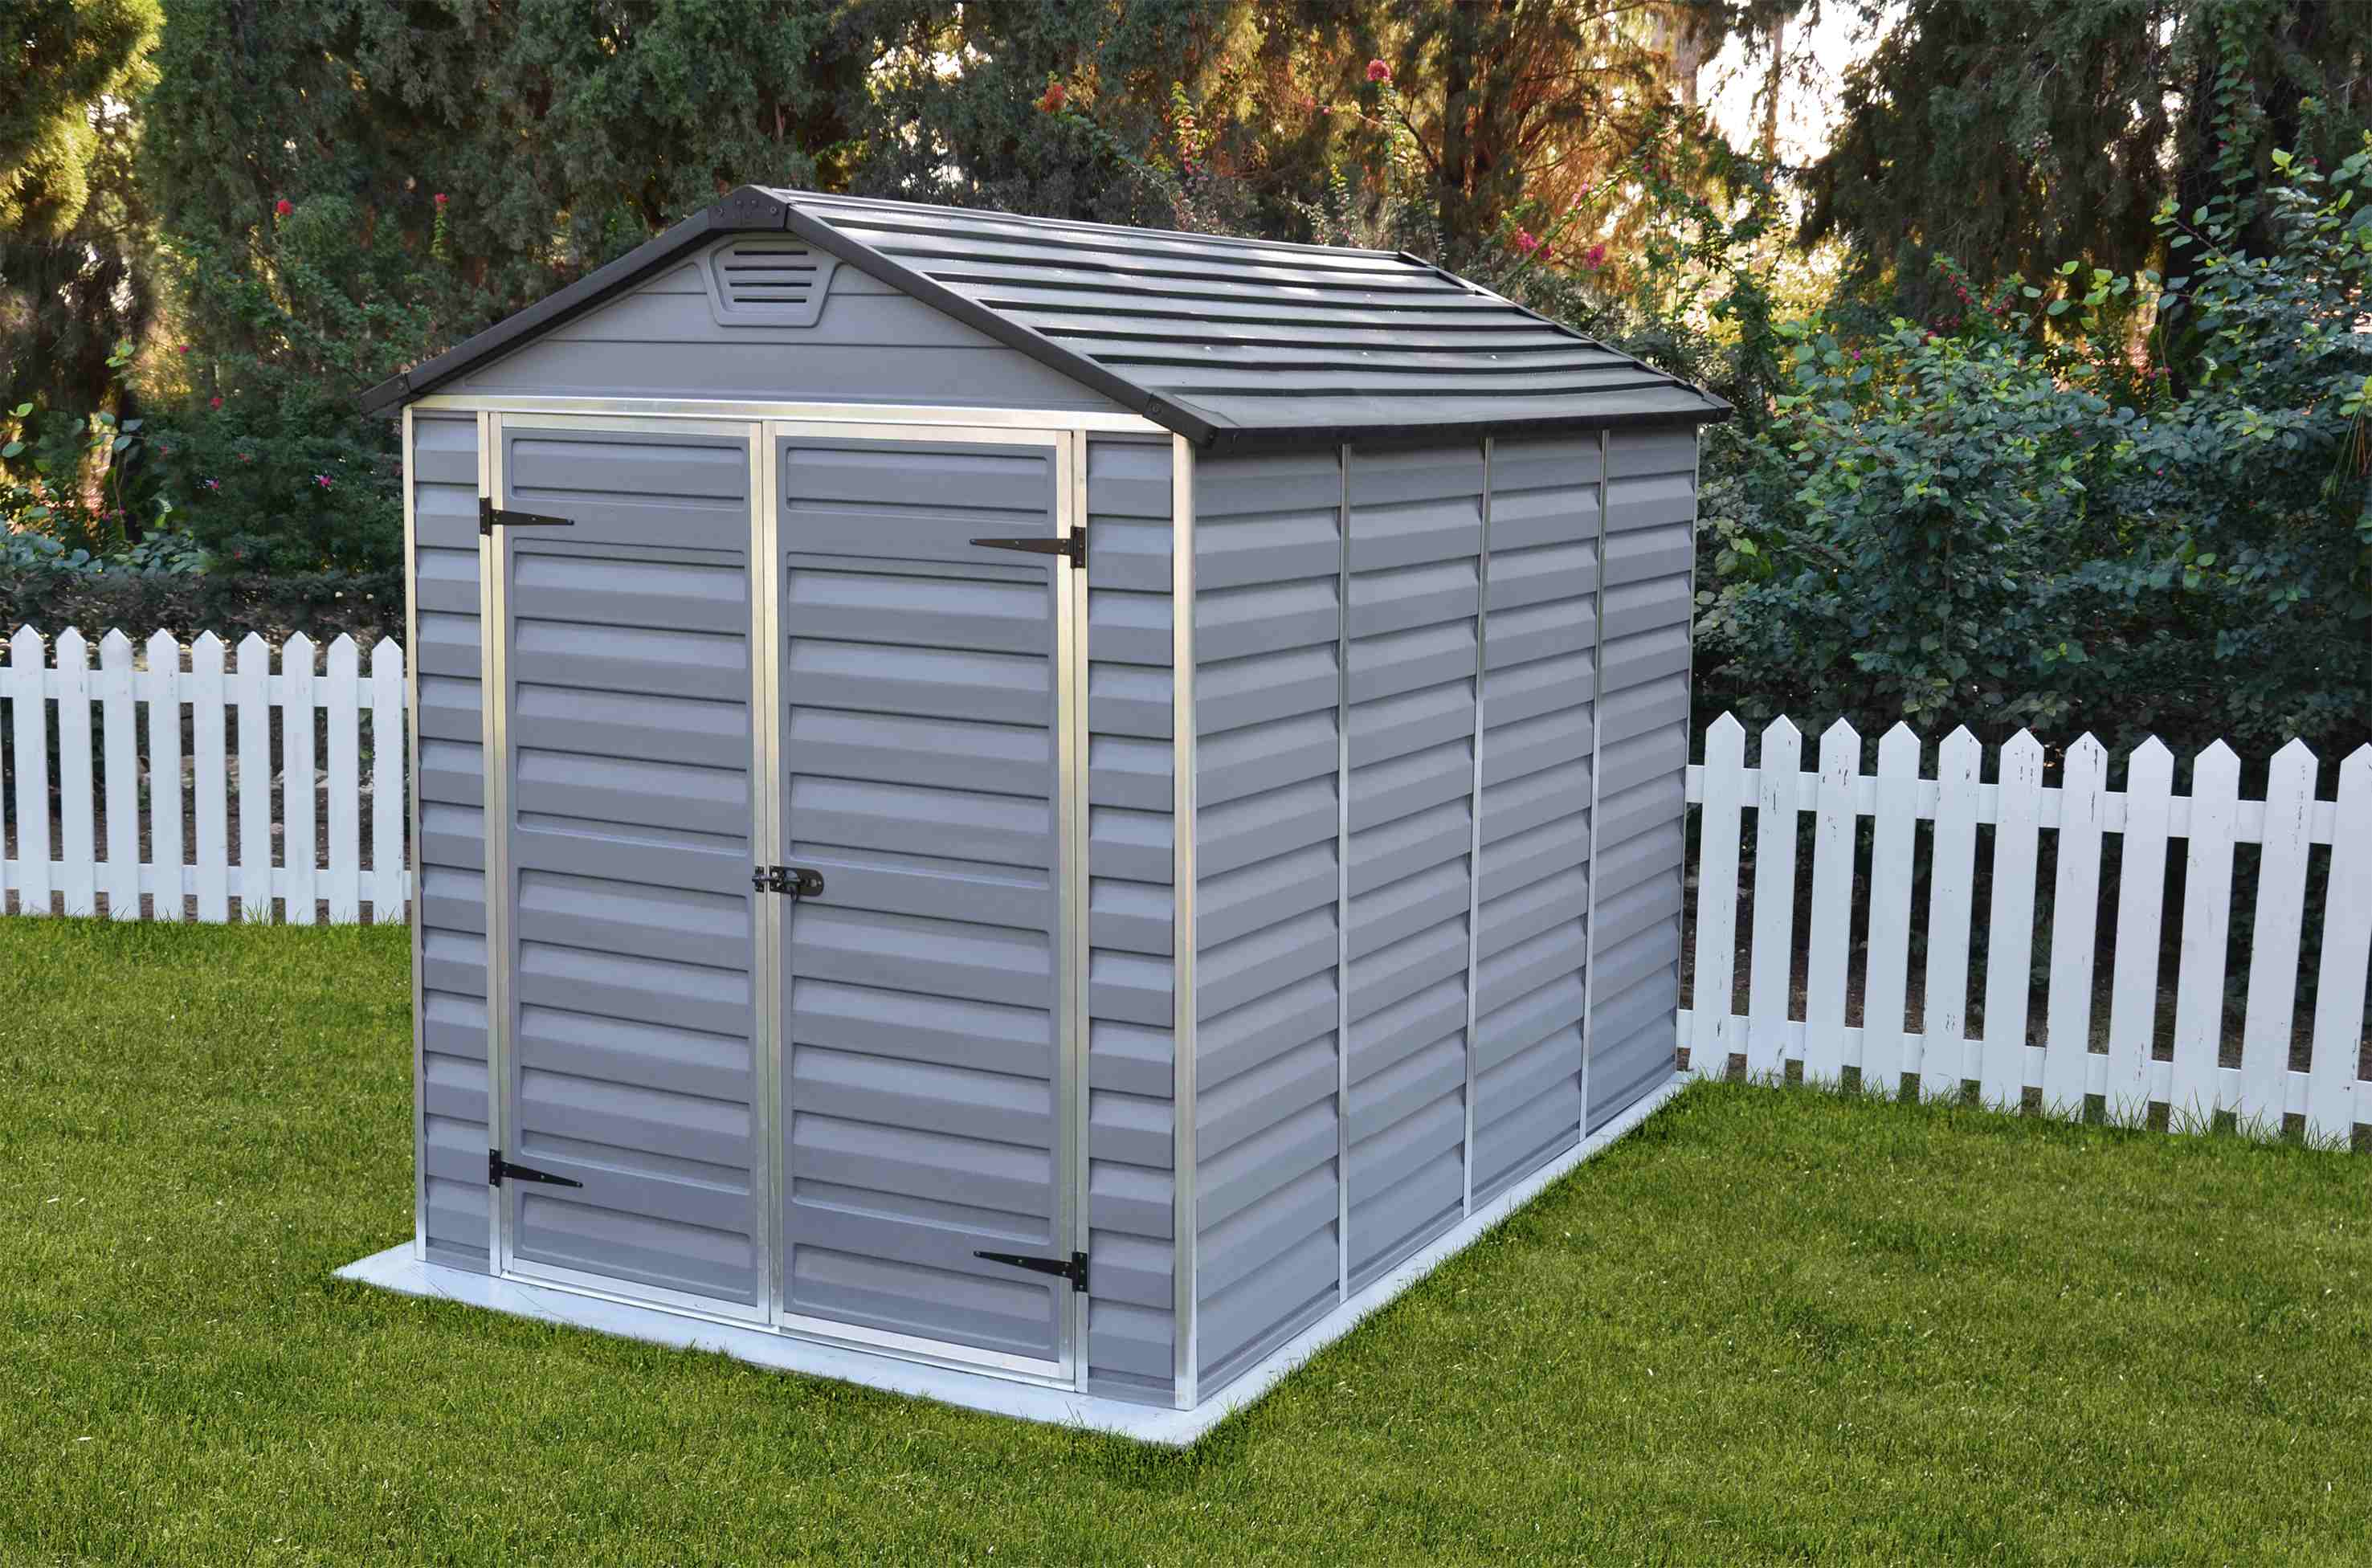 Zahradní domek Palram Skylight 6x10 šedý